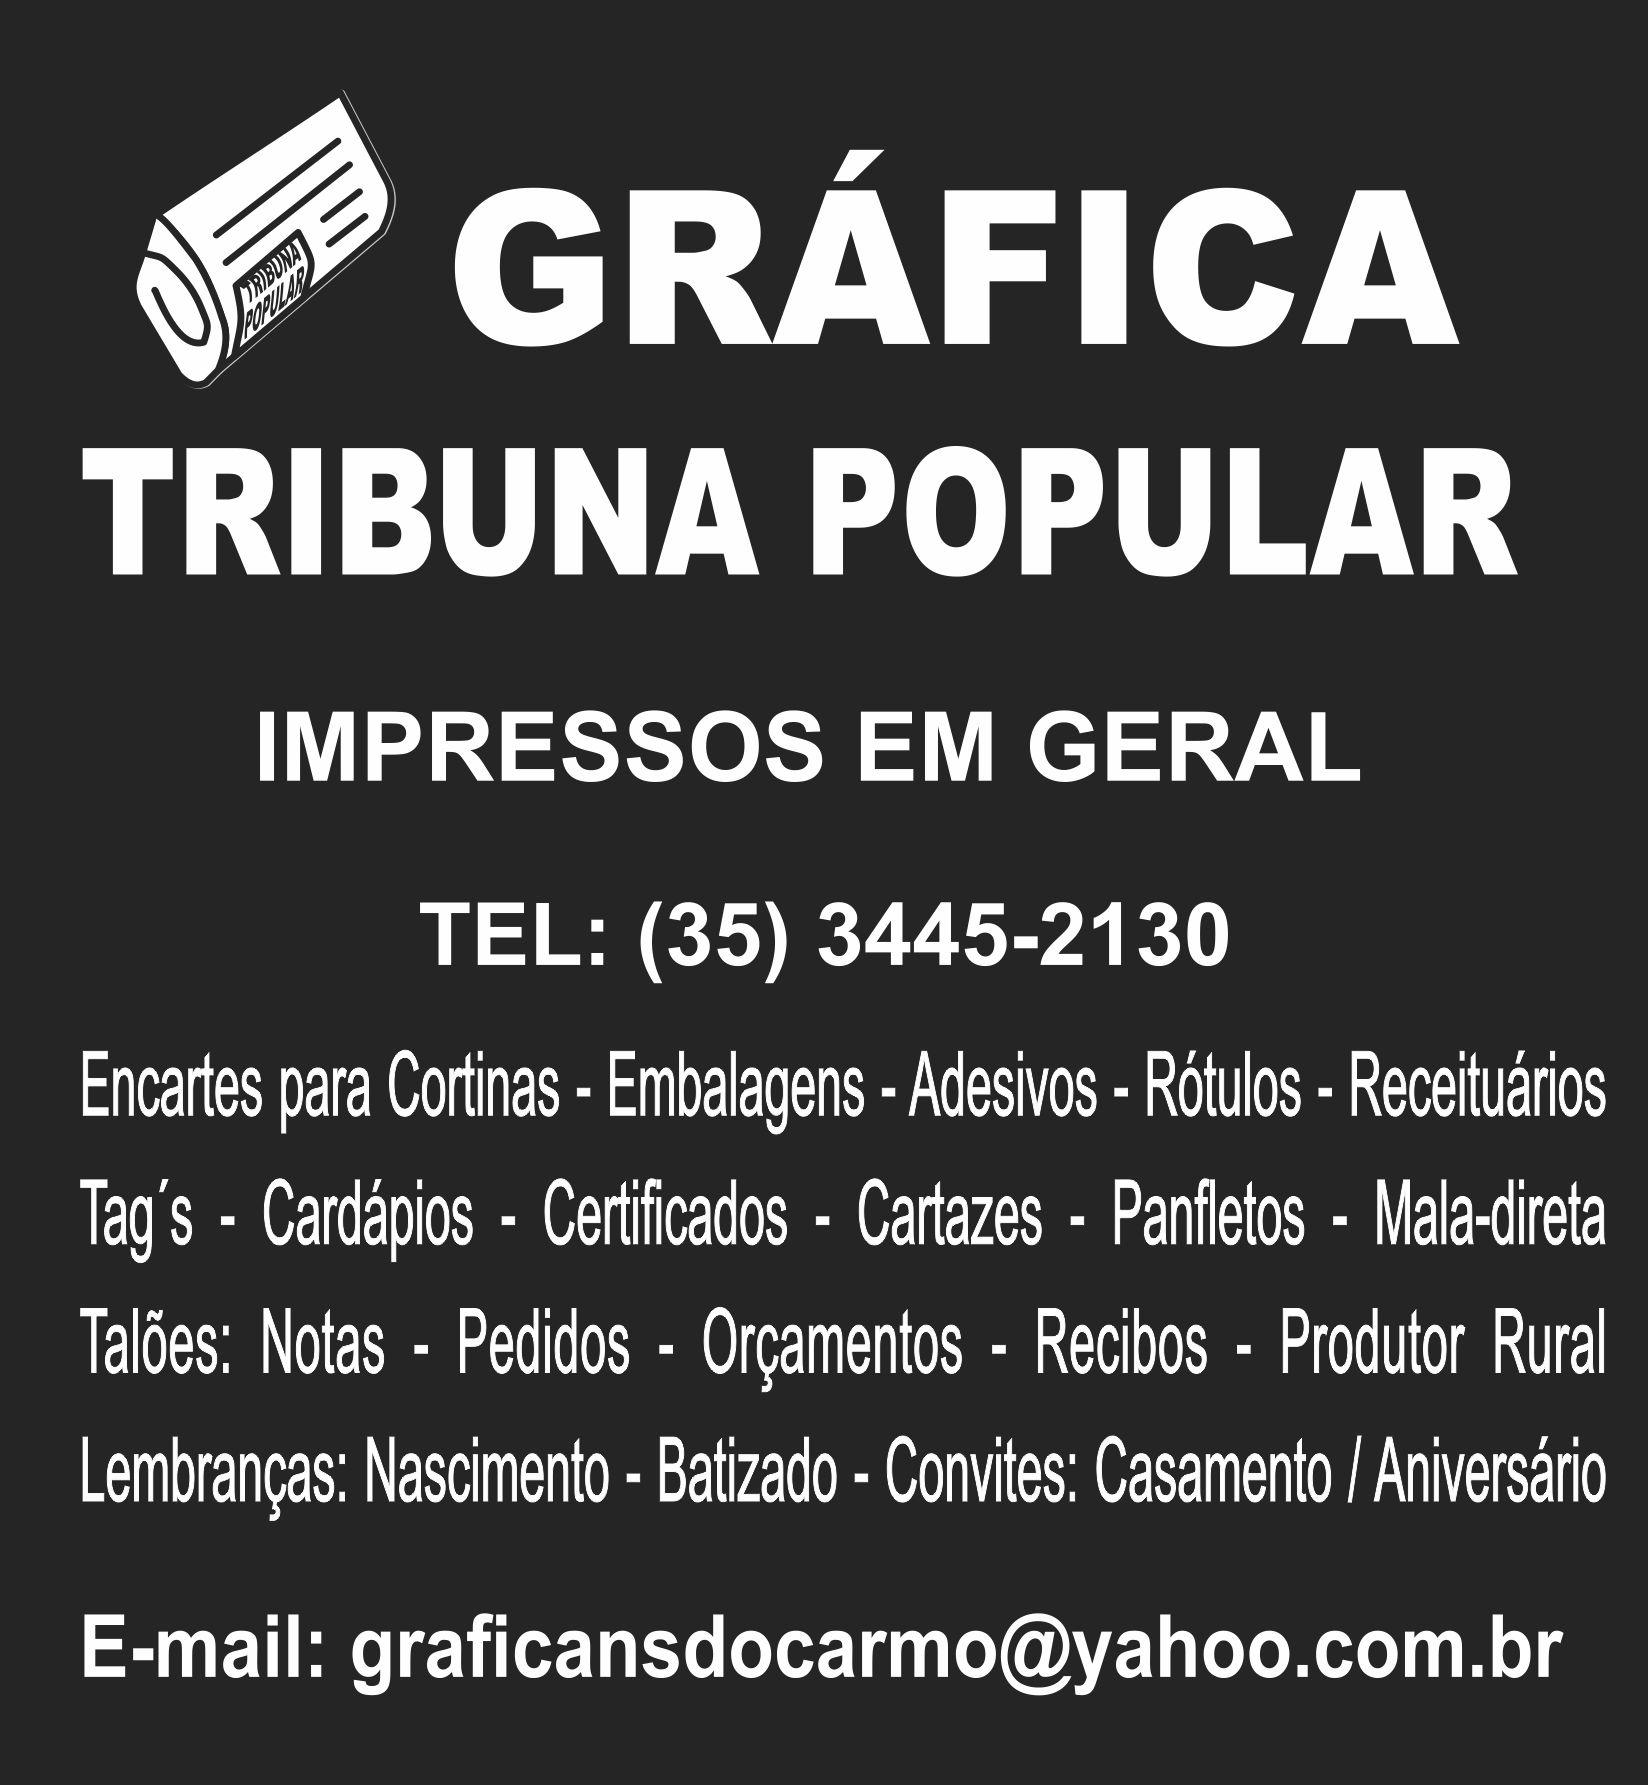 grafica-tribuna